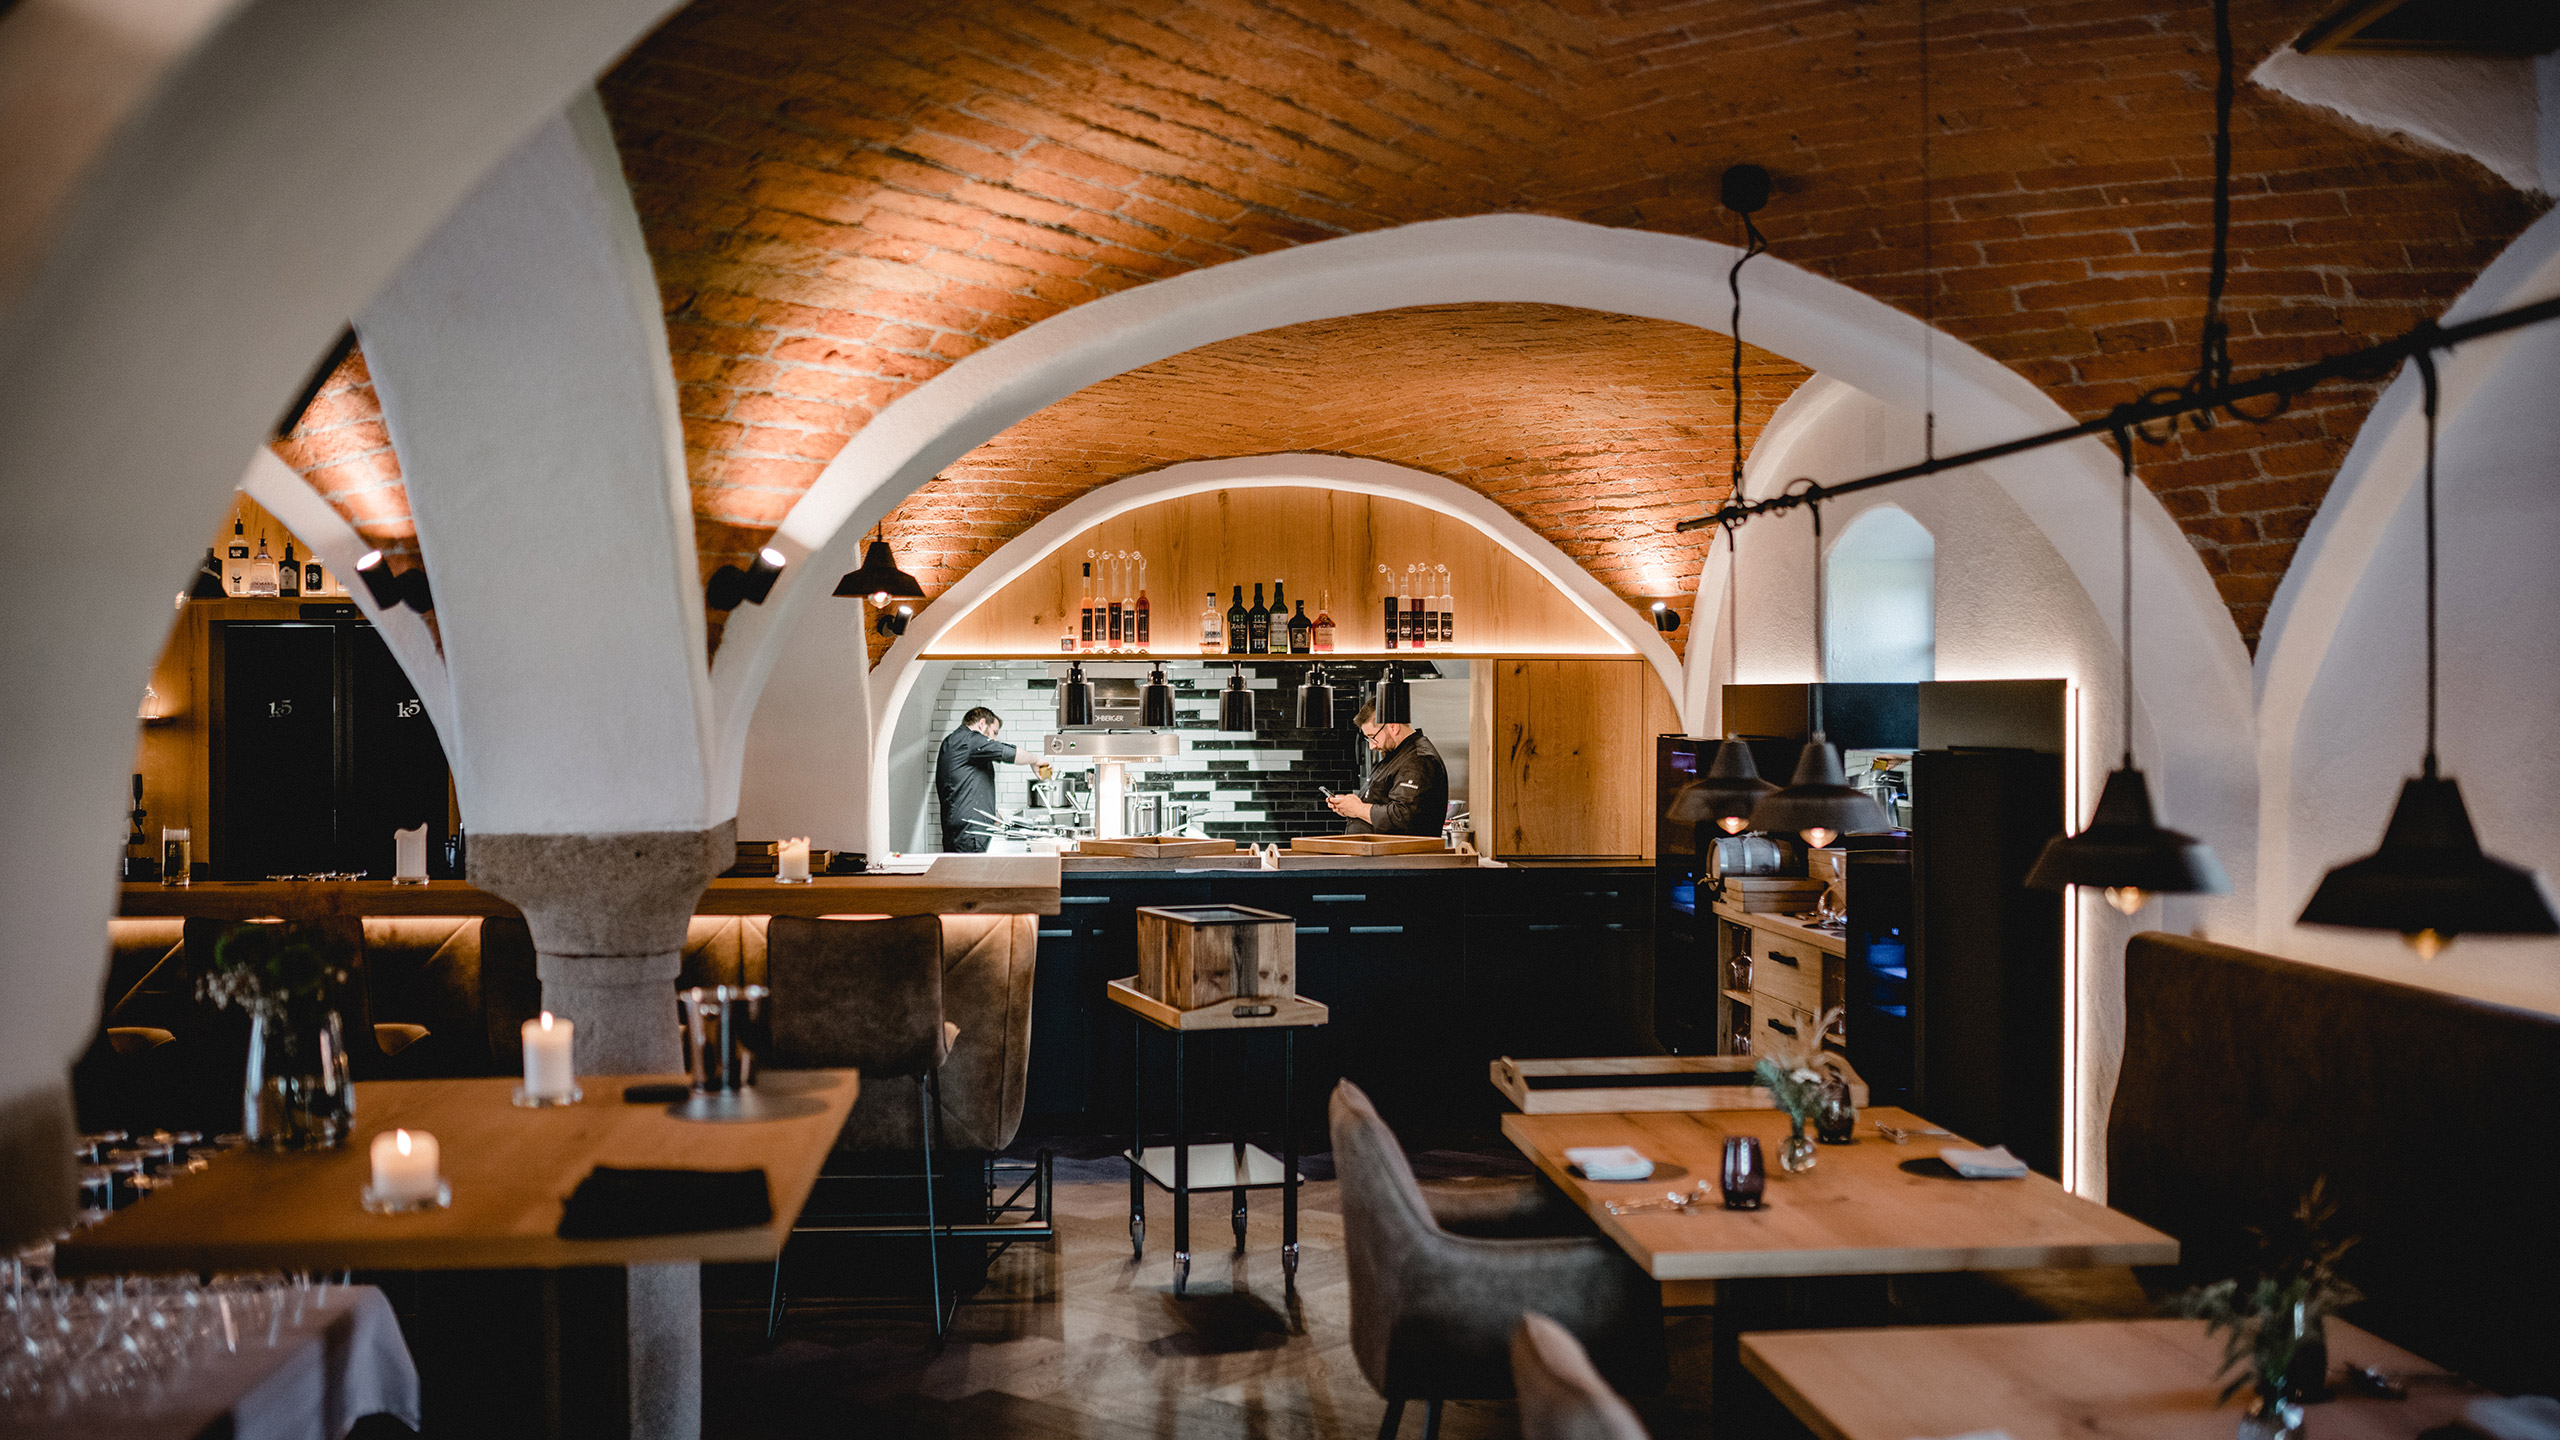 kammer5-image-restaurant-2103@2x-1